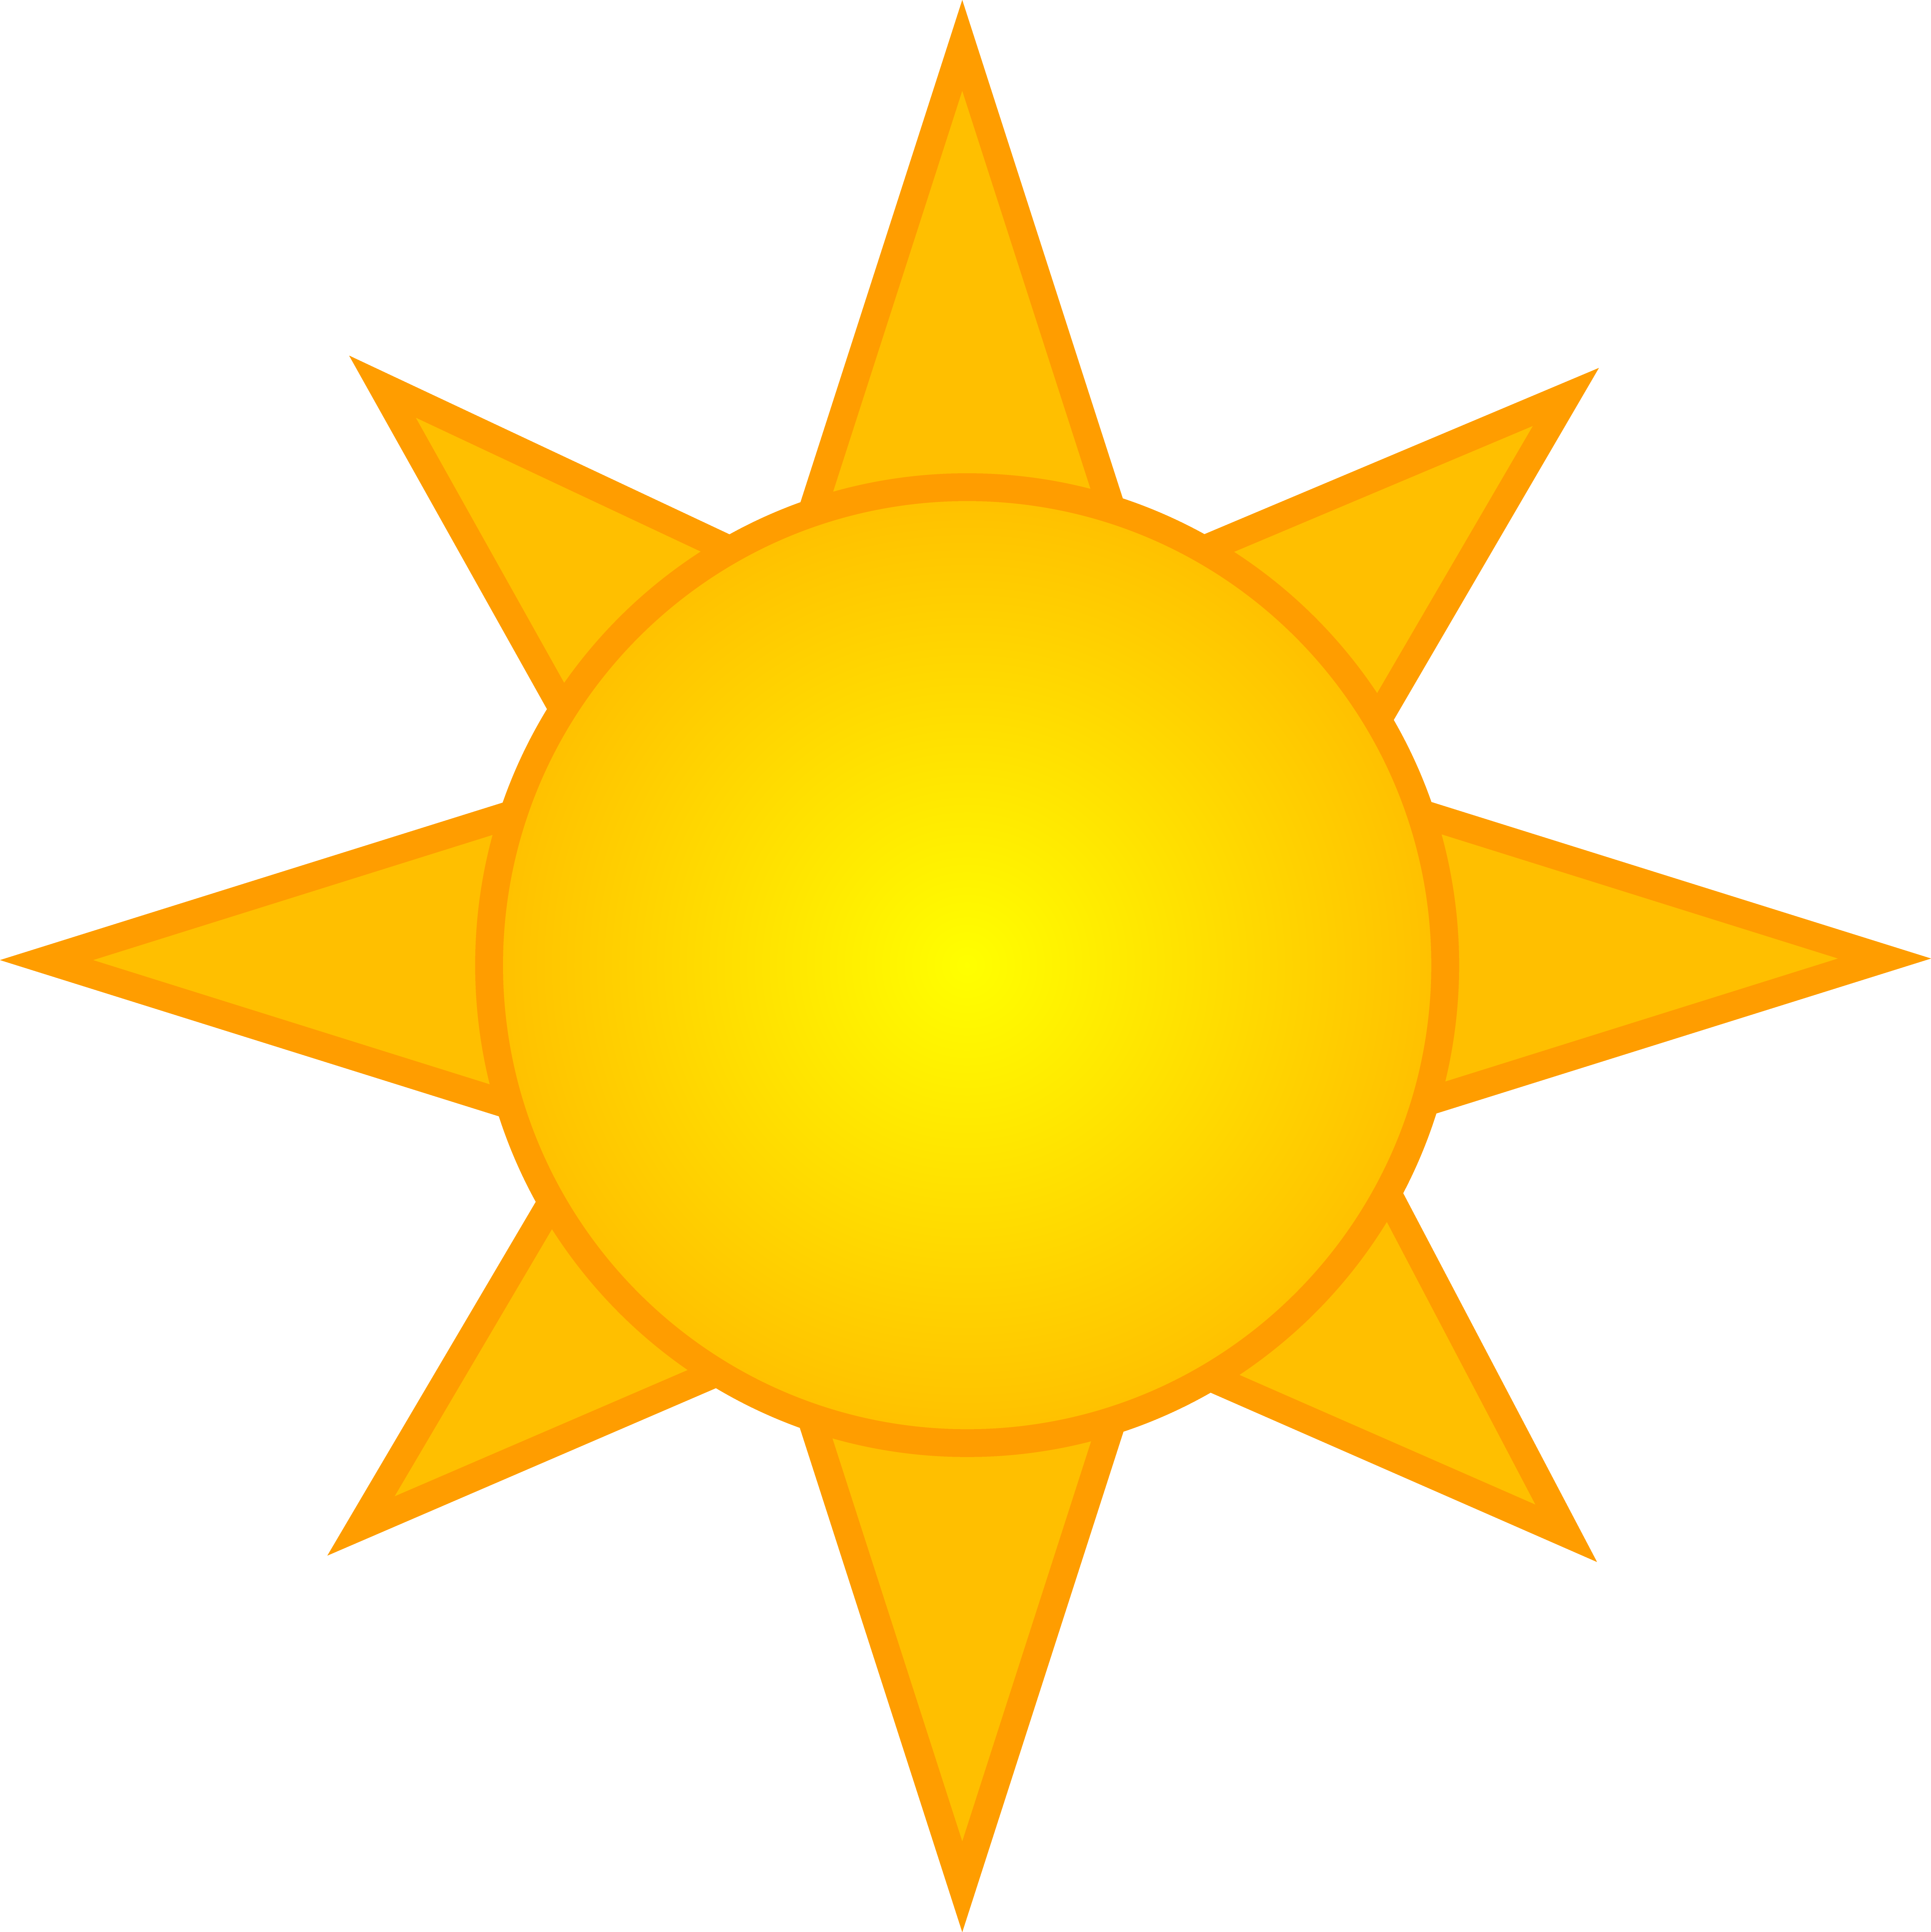 Clipart designs sun. Free images clip art